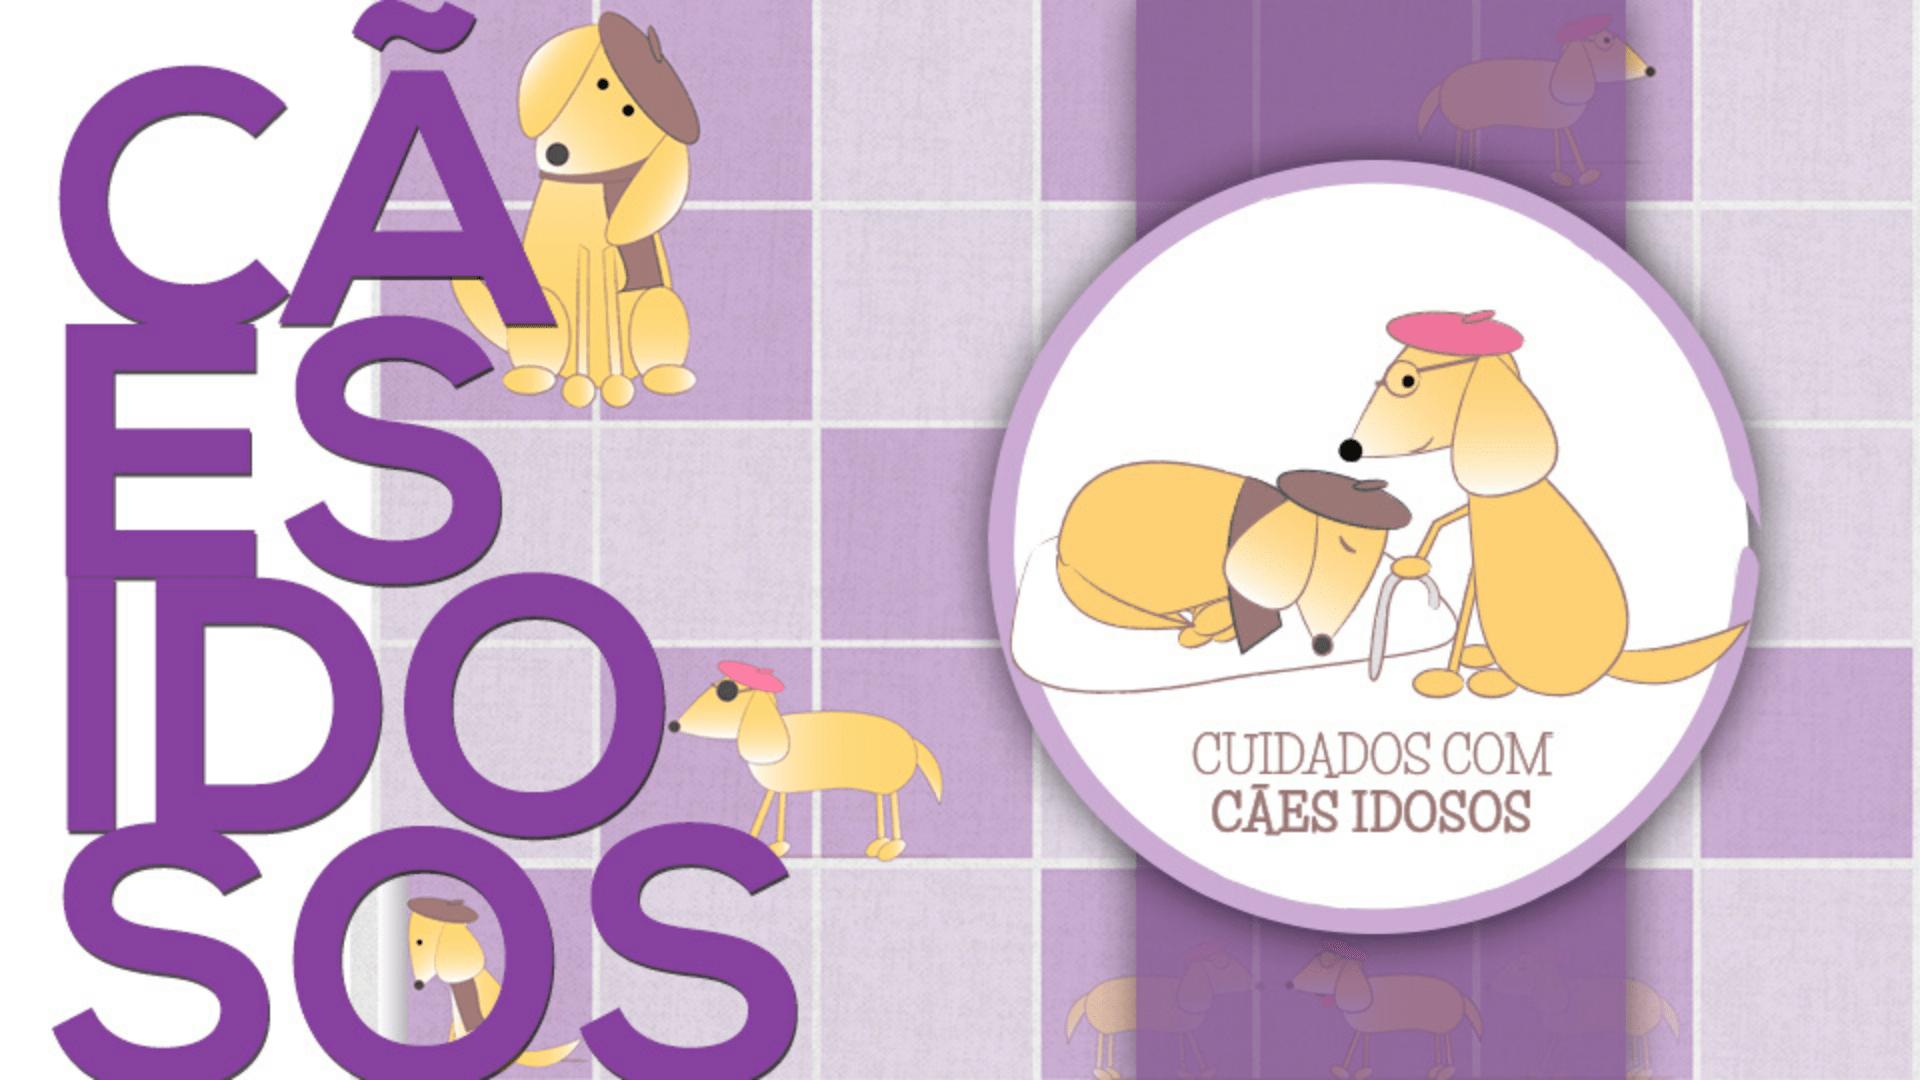 Curso Online de Cuidados com Cães Idosos